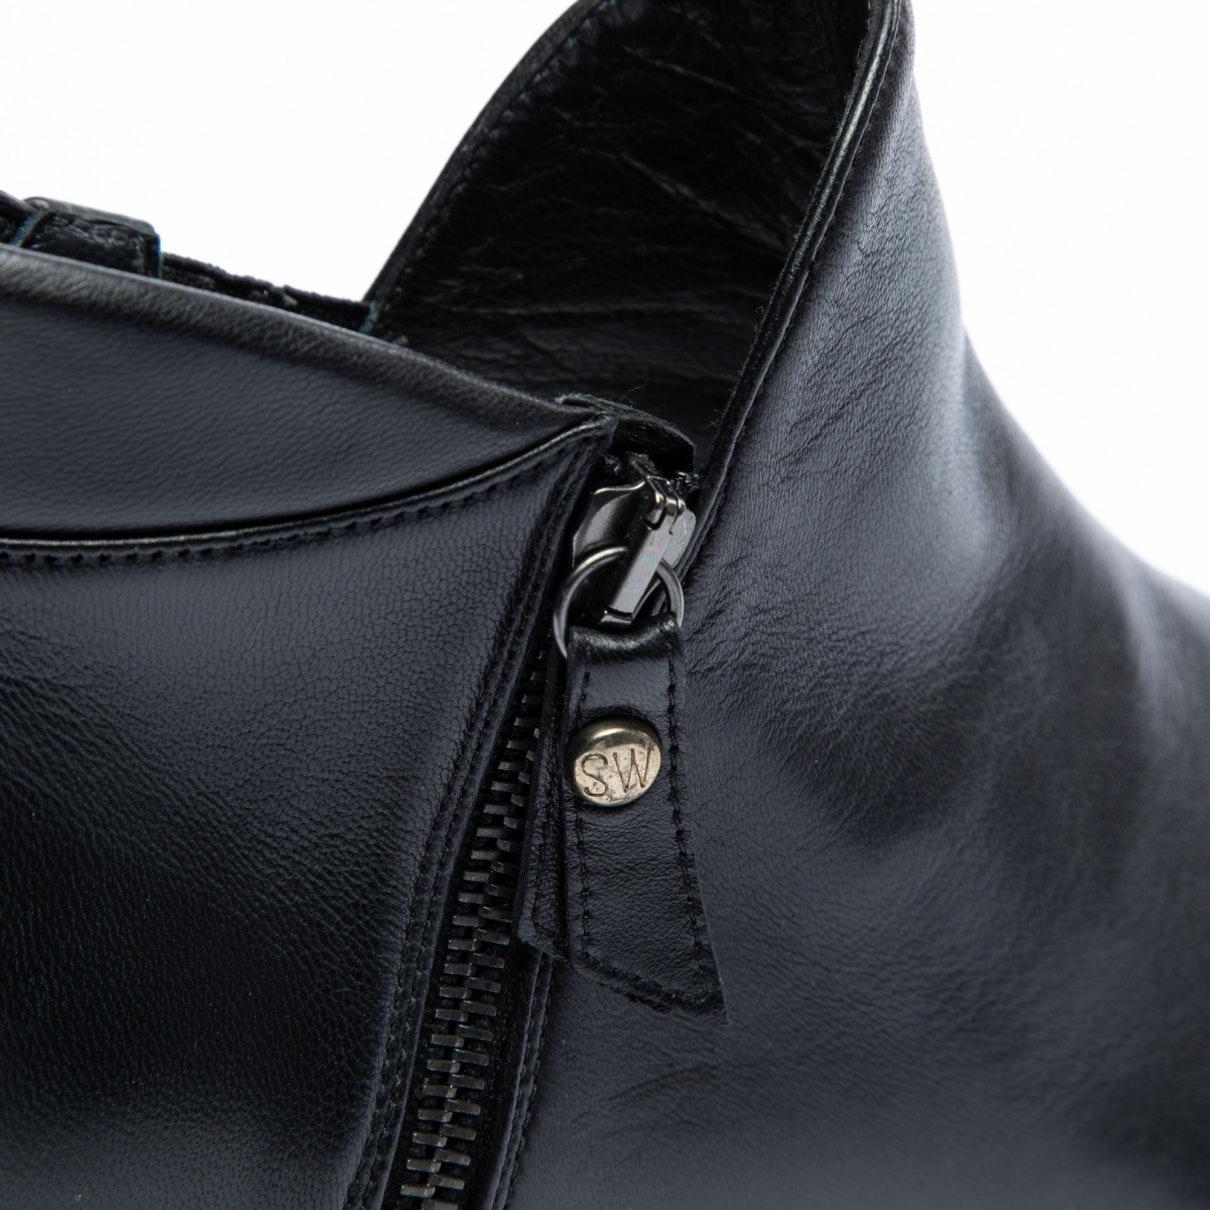 Botines en cuero negro Stuart Weitzman de color Negro